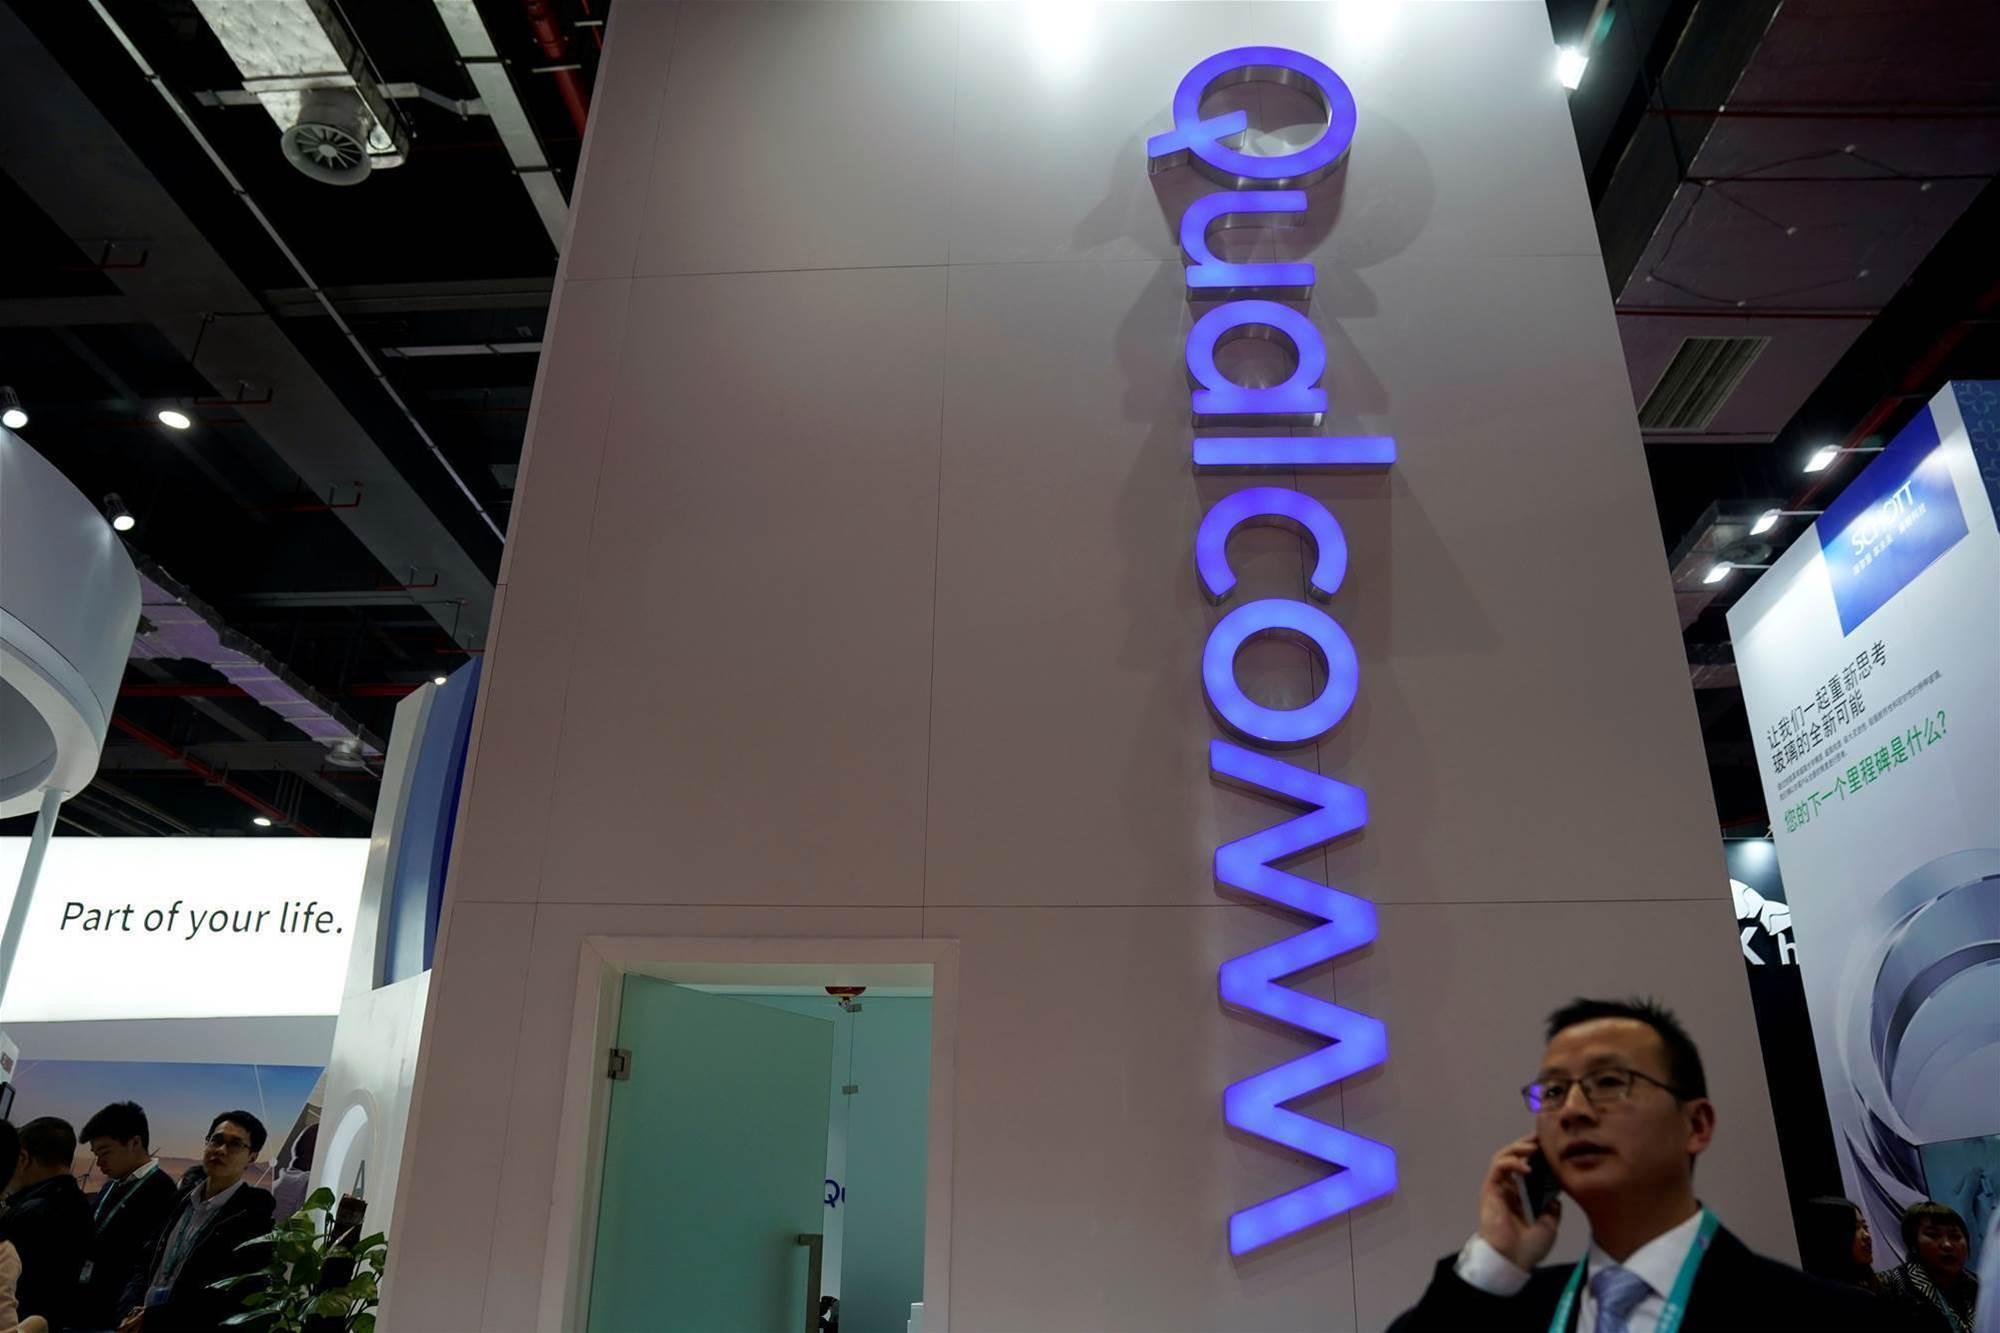 Qualcomm urges US regulators to ban some iPhones